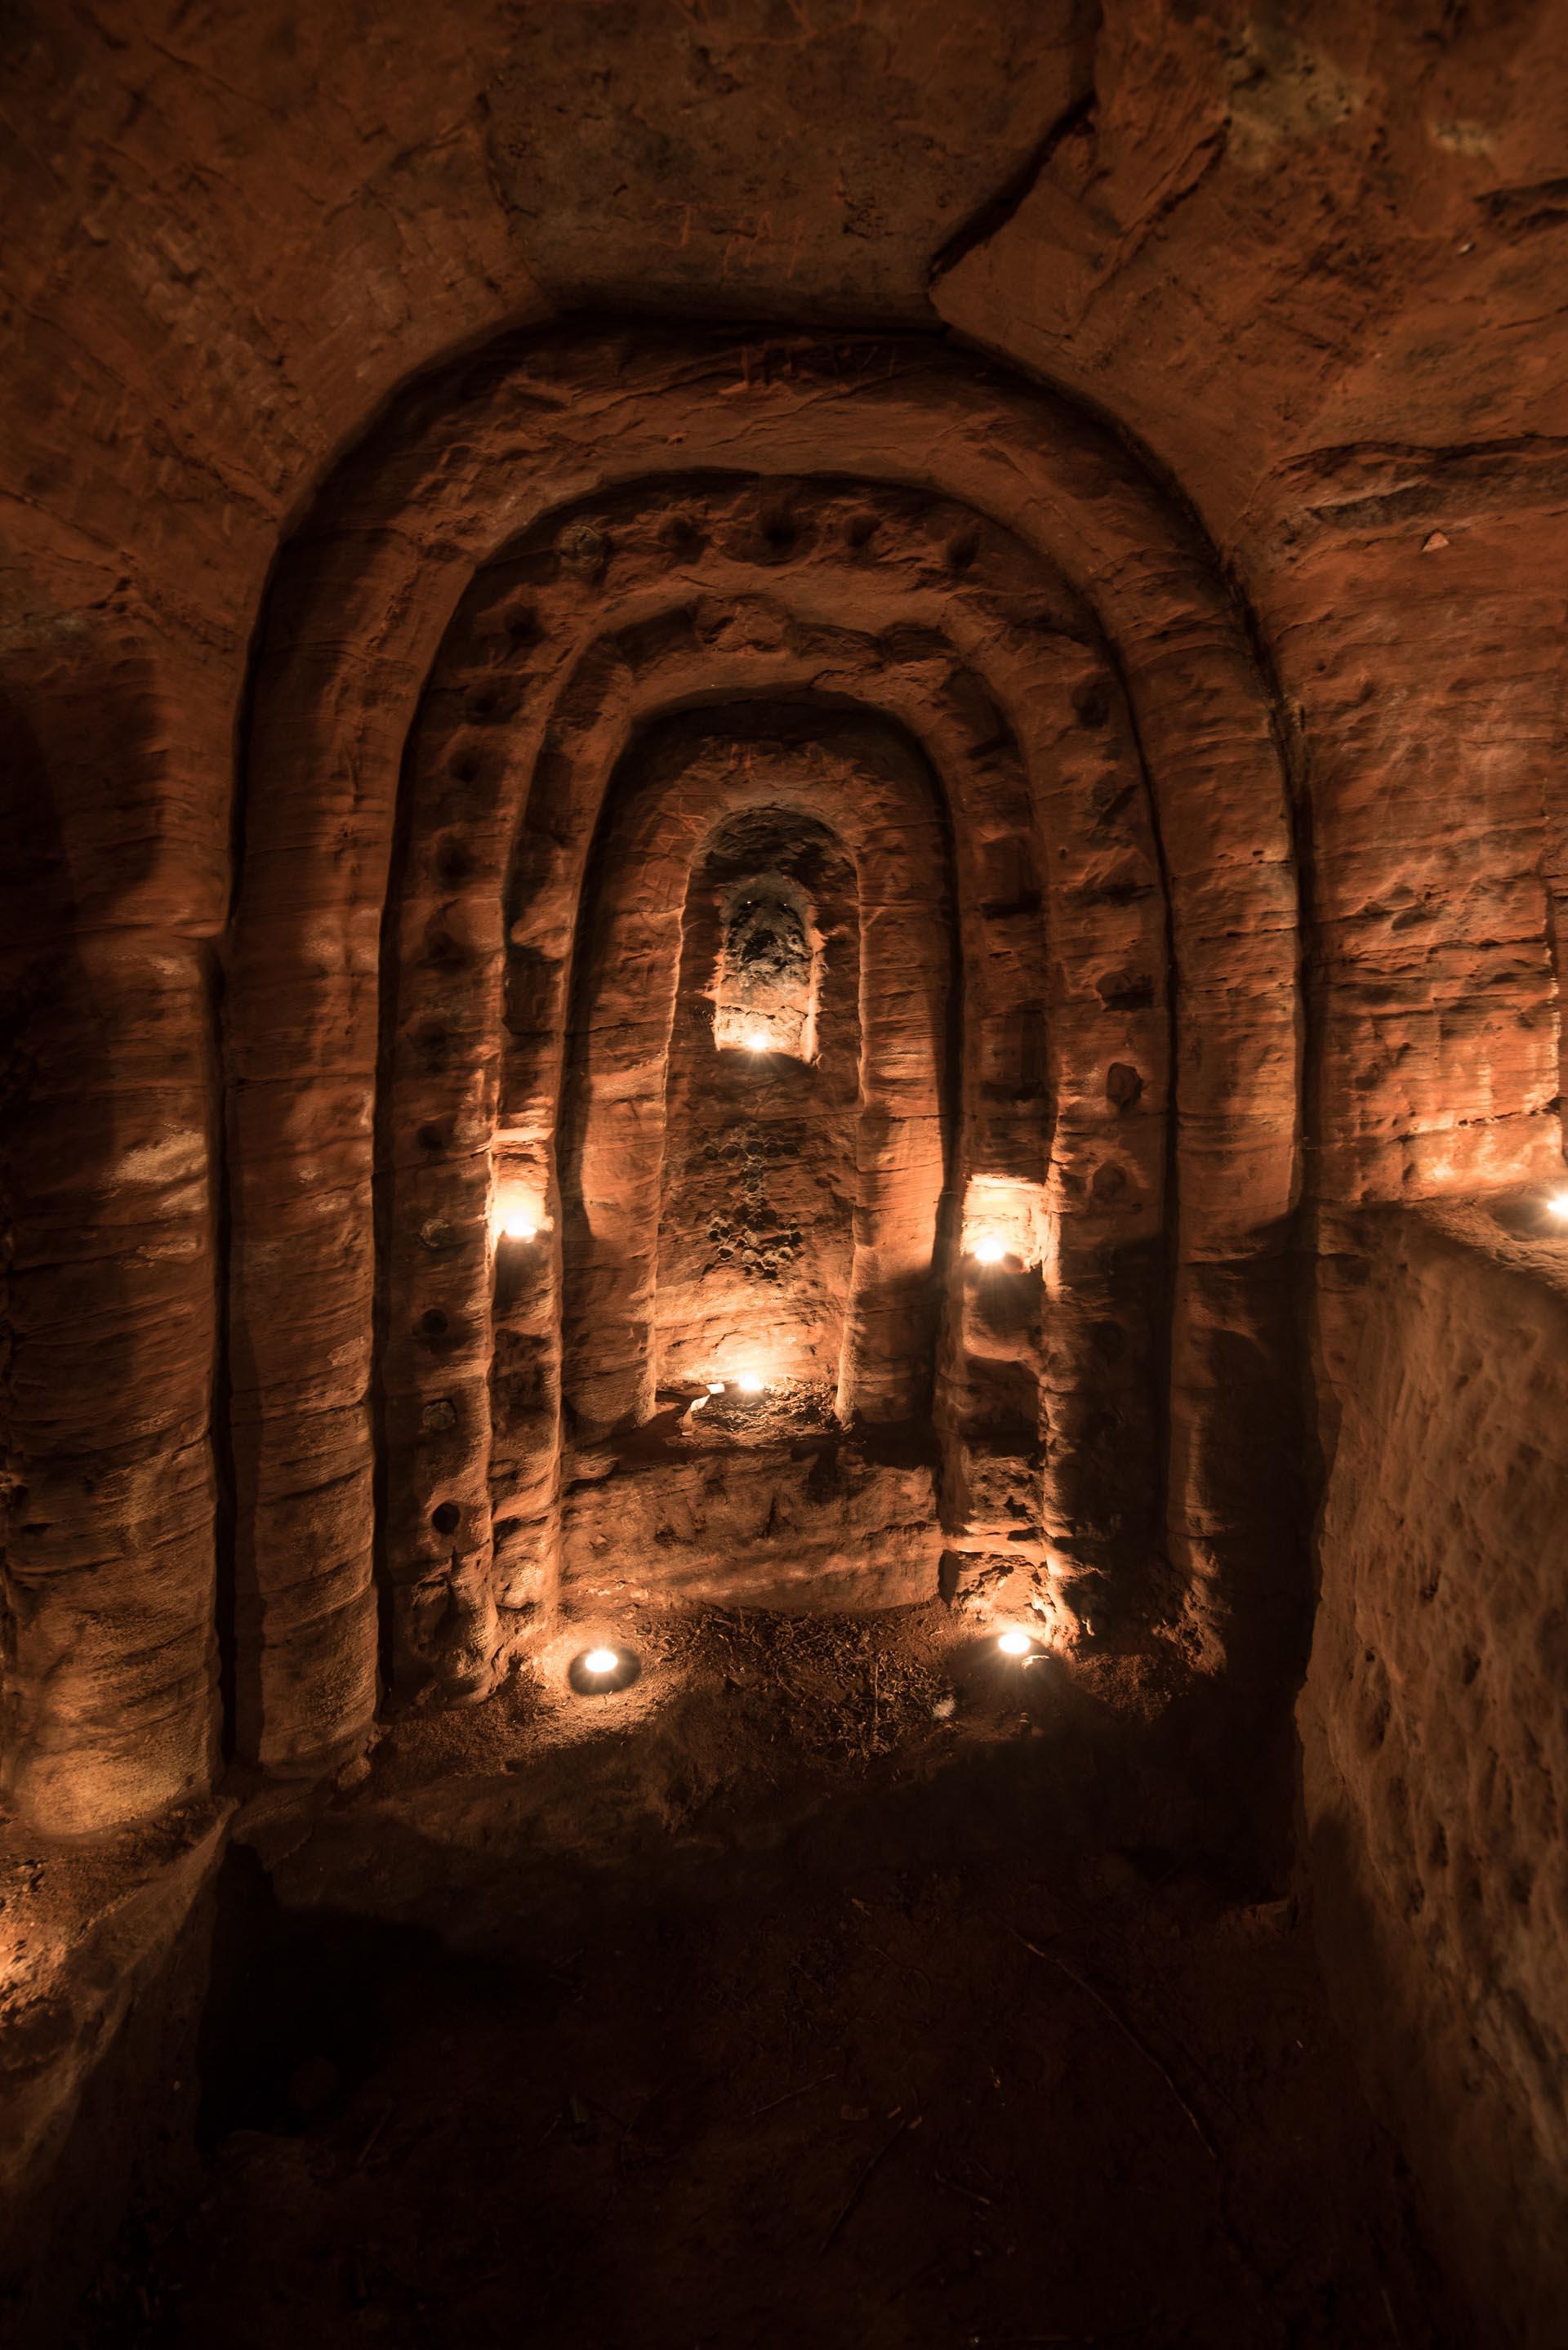 El lugar fue descubierto gracias a la cueva de un conejo en una granja de Shropshire, Inglaterra (Michael Scott/Caters News/The Grosby Group)